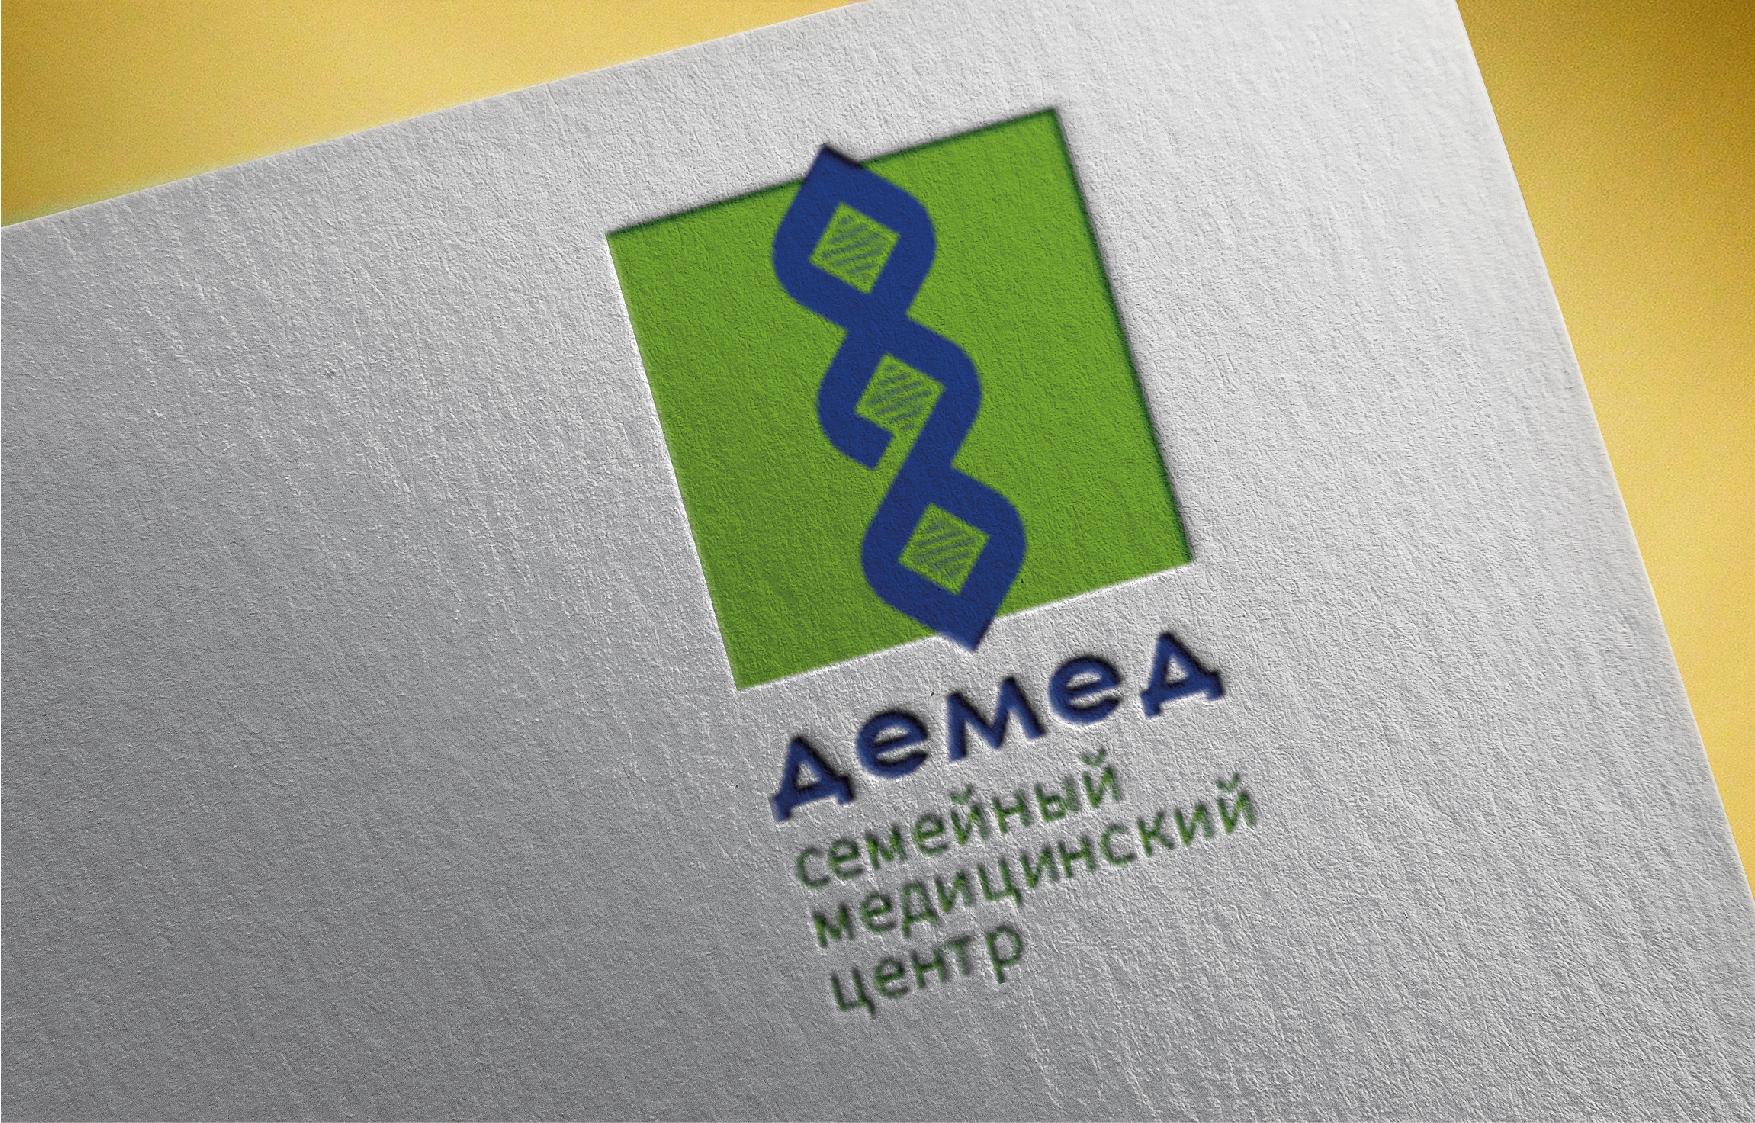 Логотип медицинского центра фото f_9785dc9ba2e9a4a8.jpg